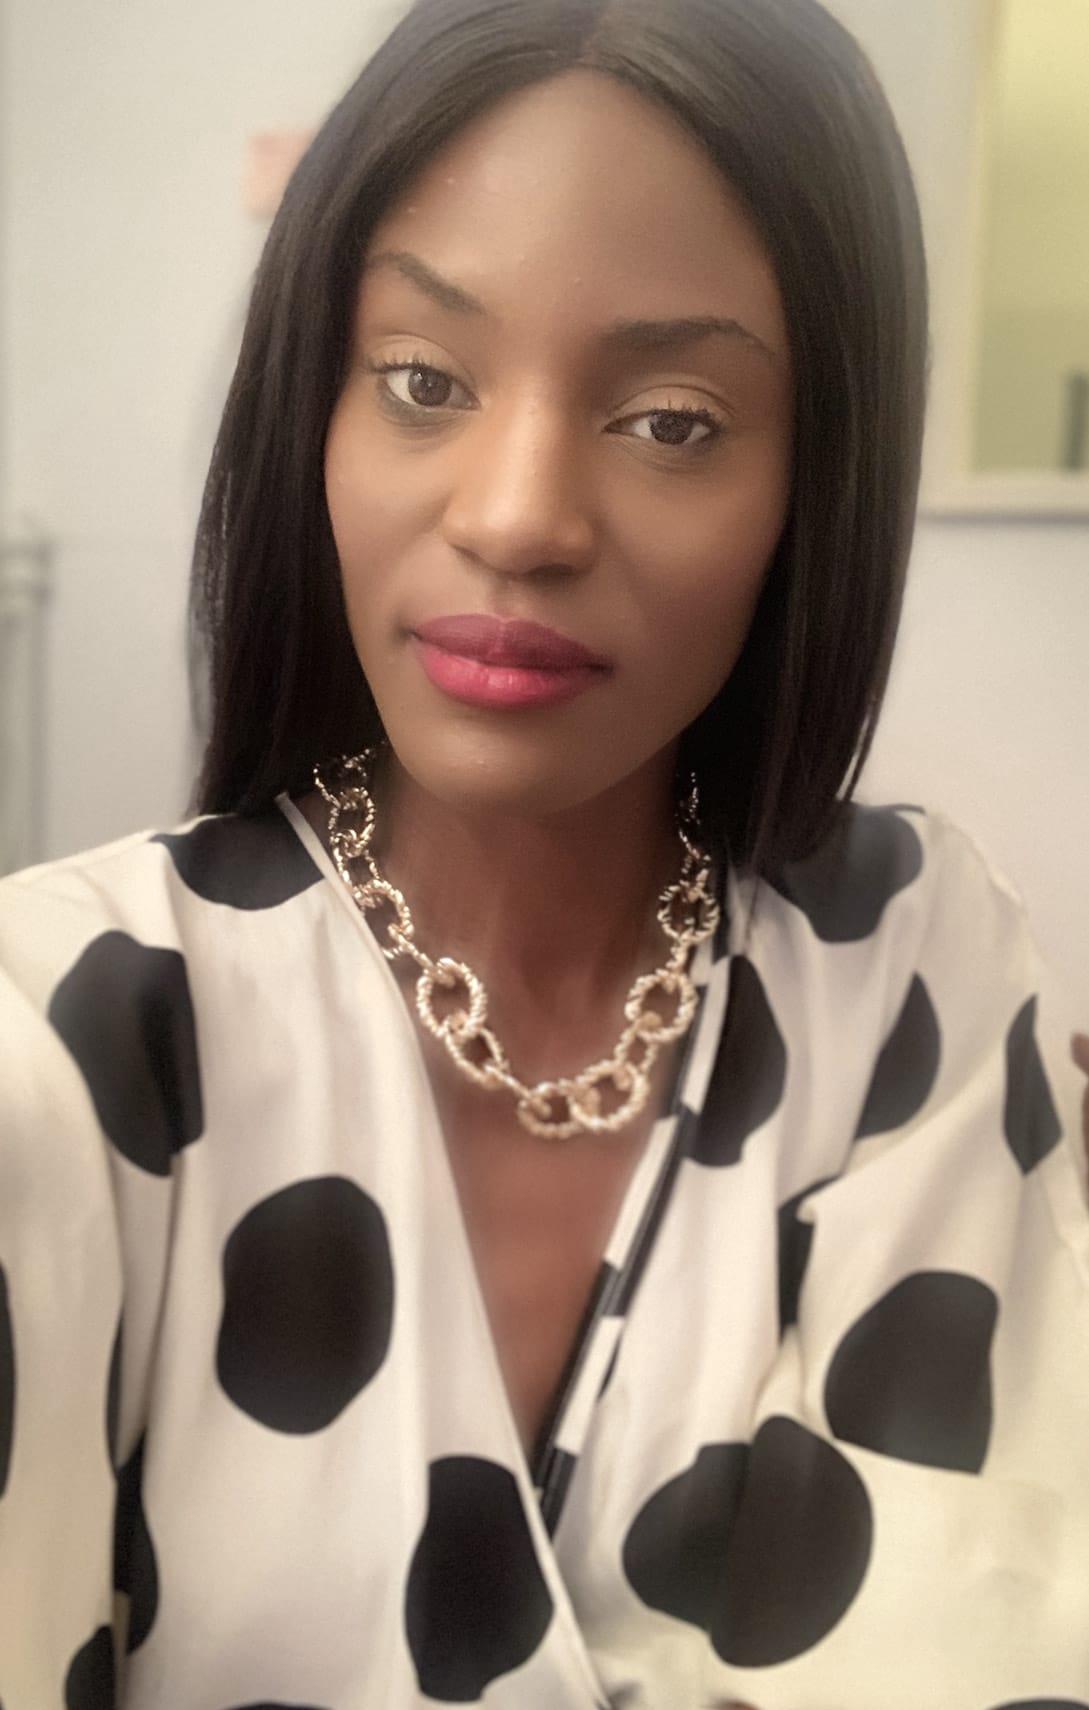 témoignage de Naomi Mboso sur la formation conseil en image à distance IFDM Relooking